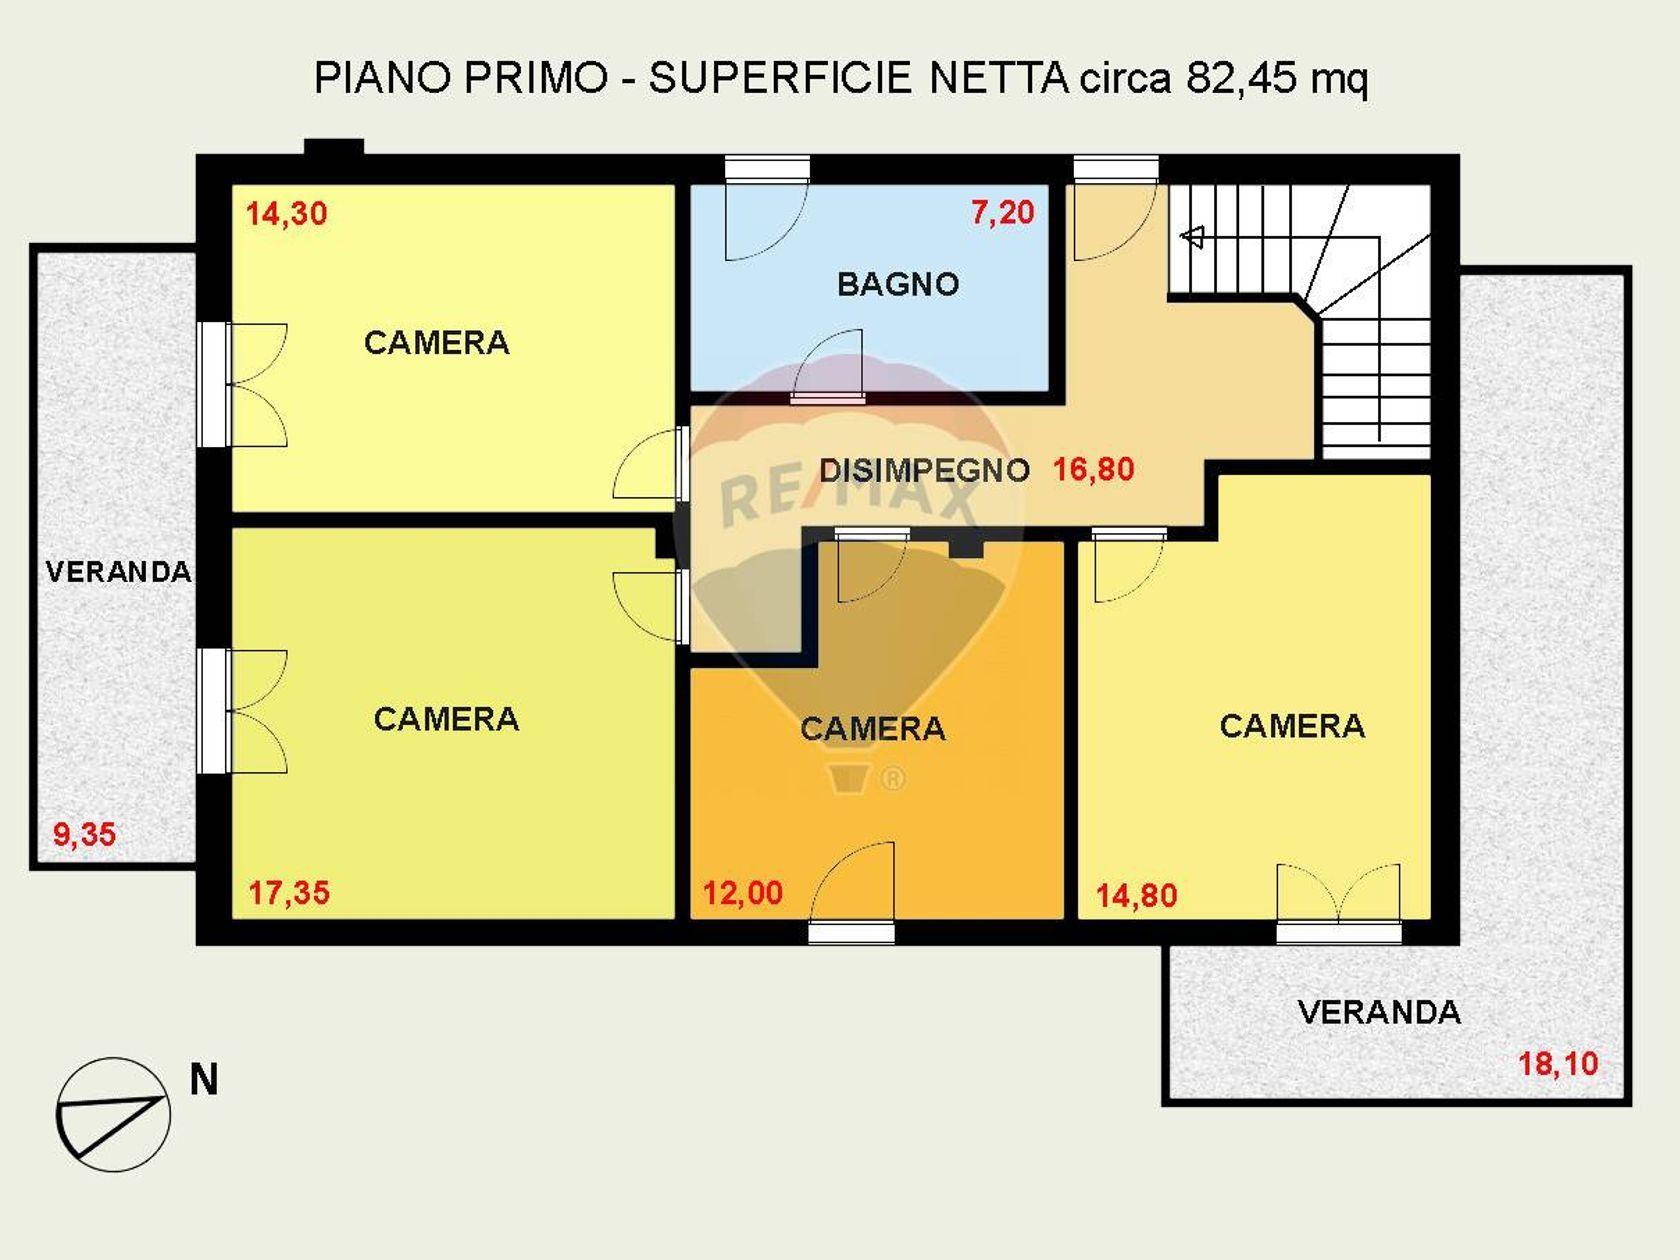 Villa singola Cagliari-quartiere Europeo, Cagliari, CA Vendita - Planimetria 2